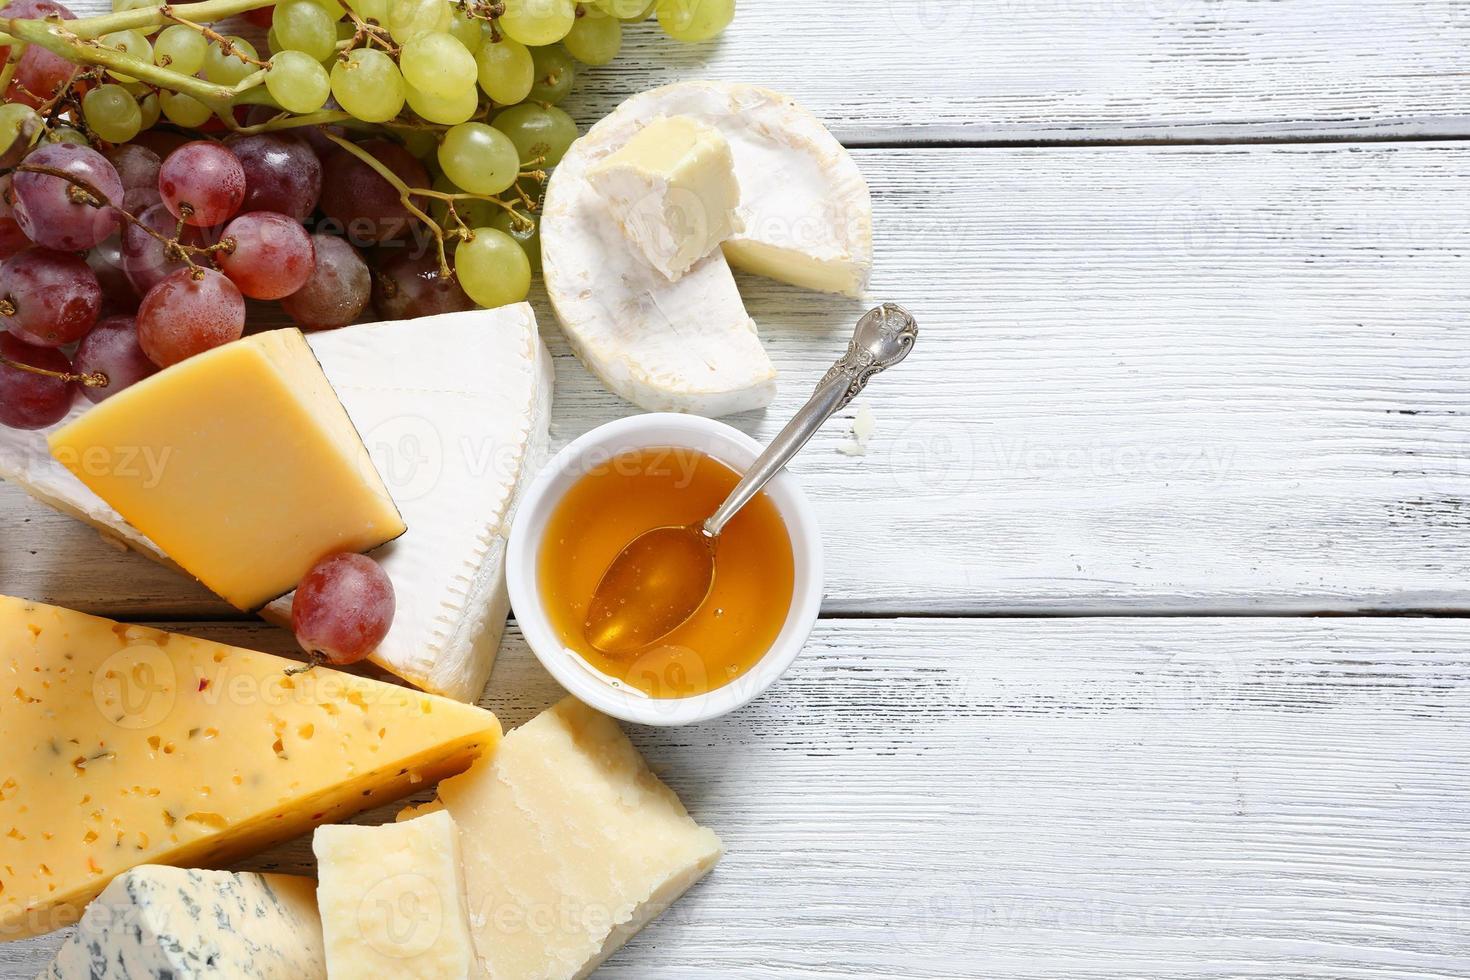 deliziosi formaggi al miele foto